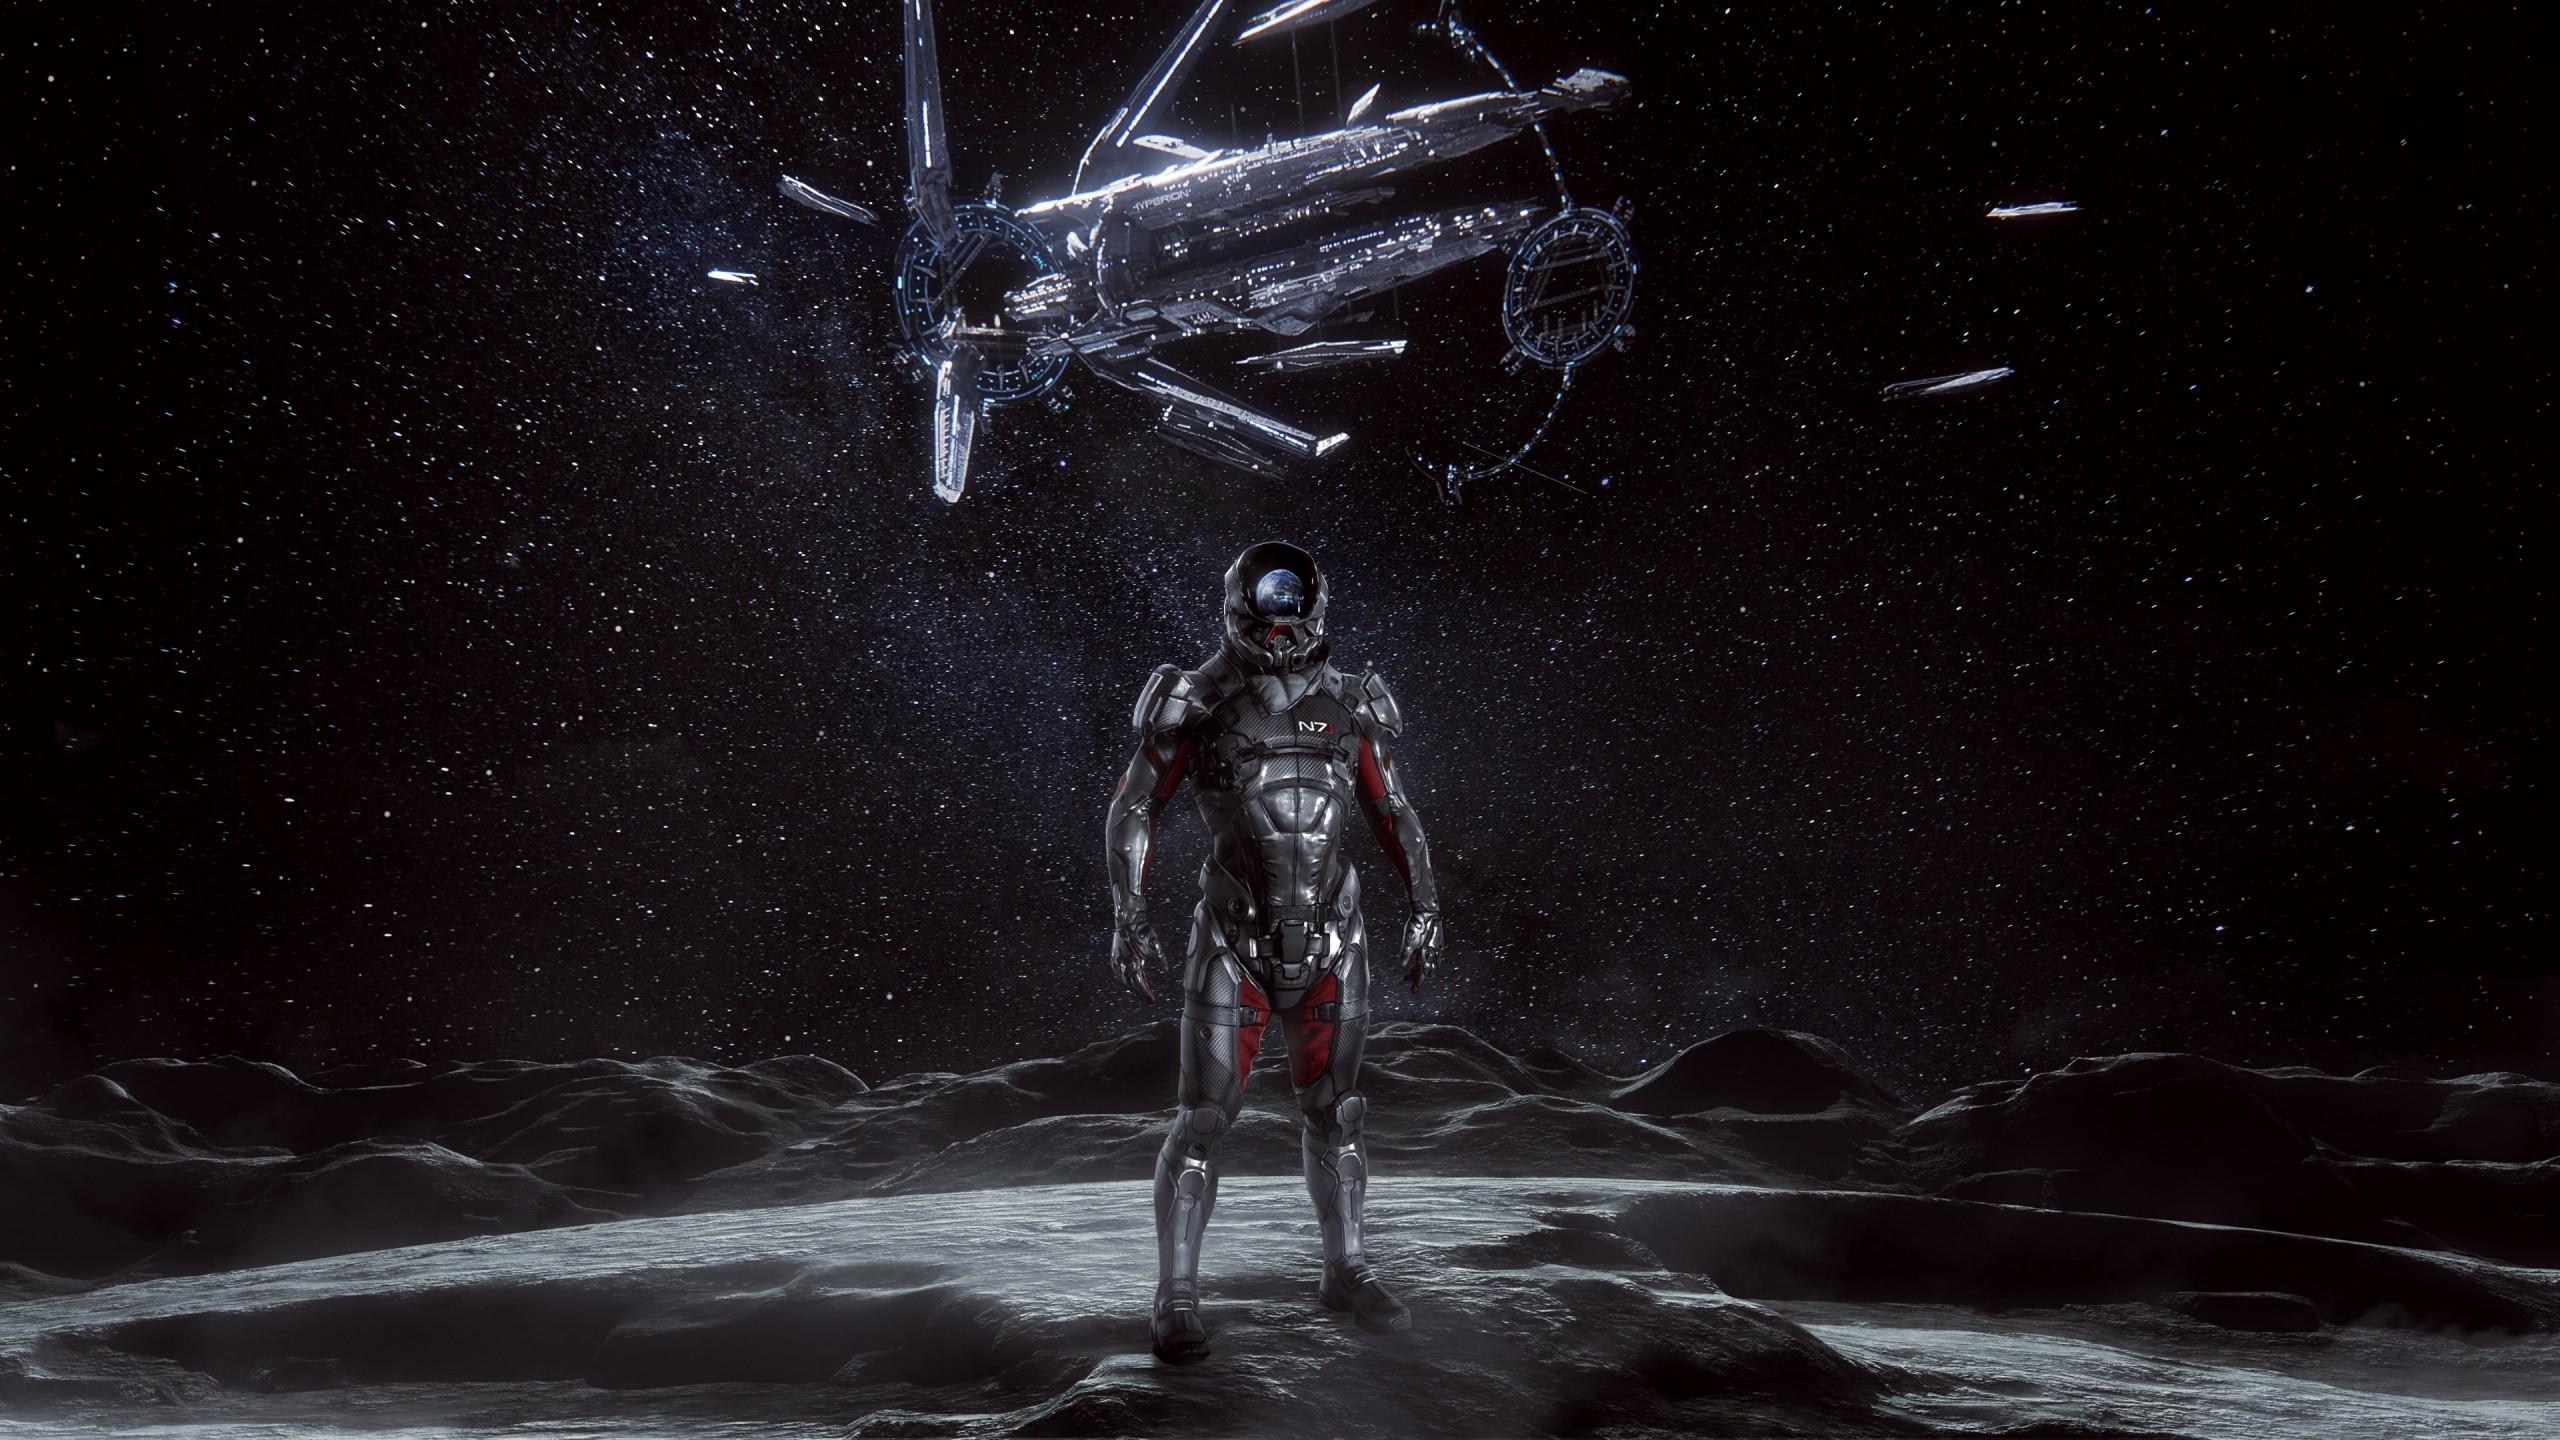 Assassins Creed 3d Wallpaper Hyperion Mass Effect Andromeda 4k Wallpapers Hd